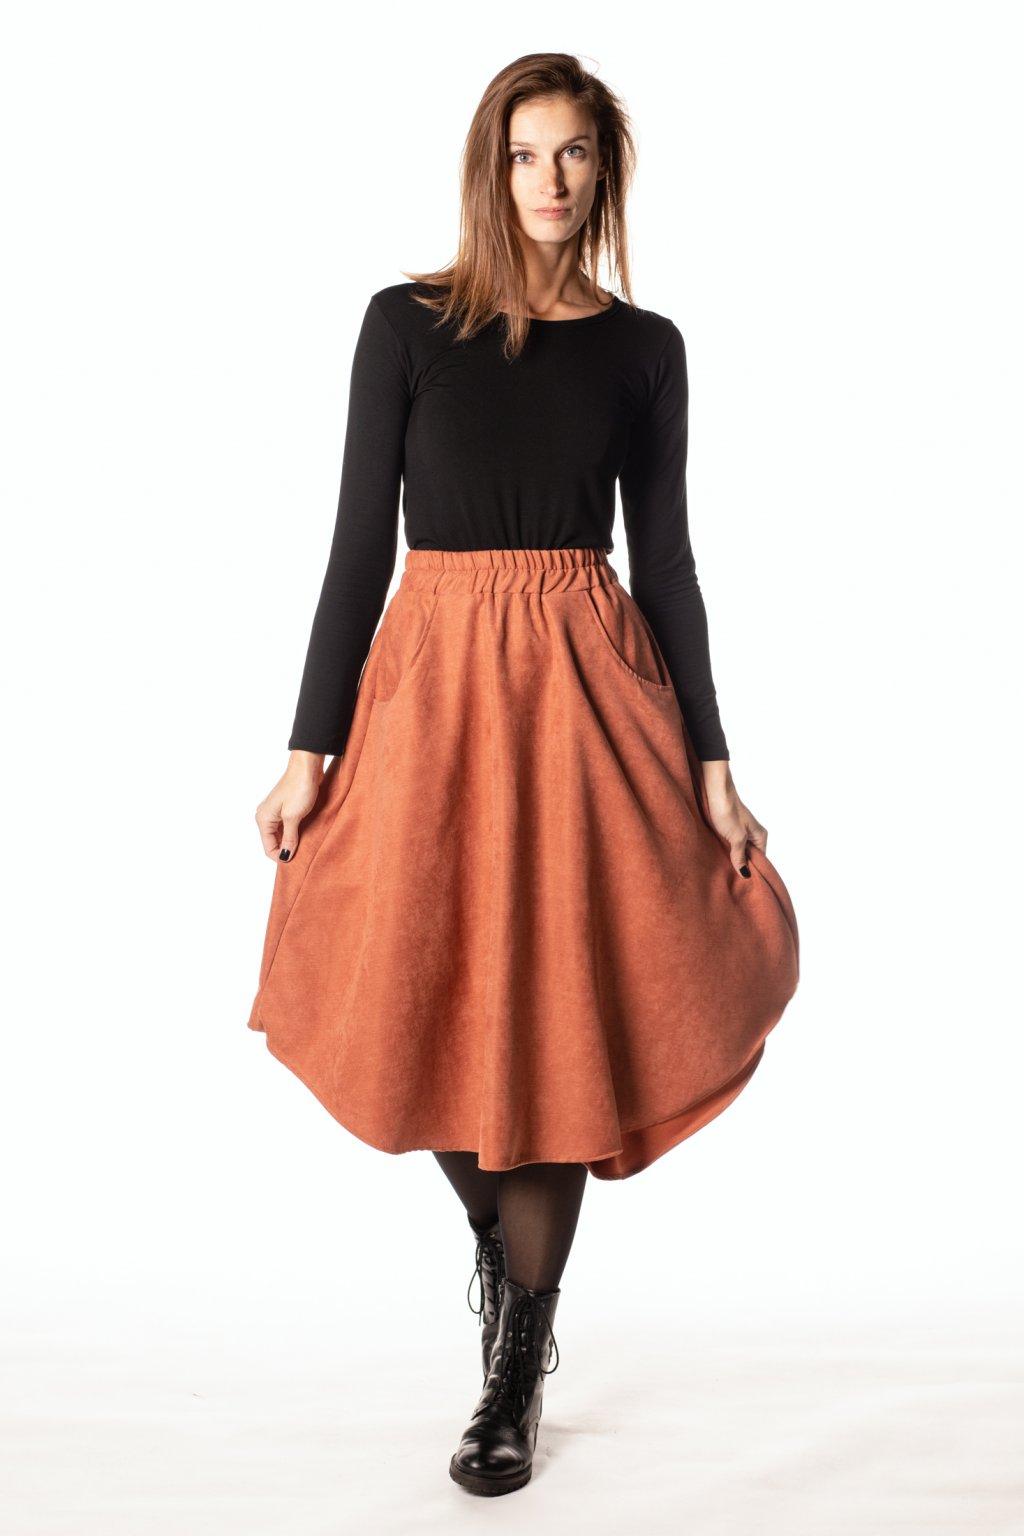 ORANŽOVÁ asymetrická sukně (manšestr jemný)